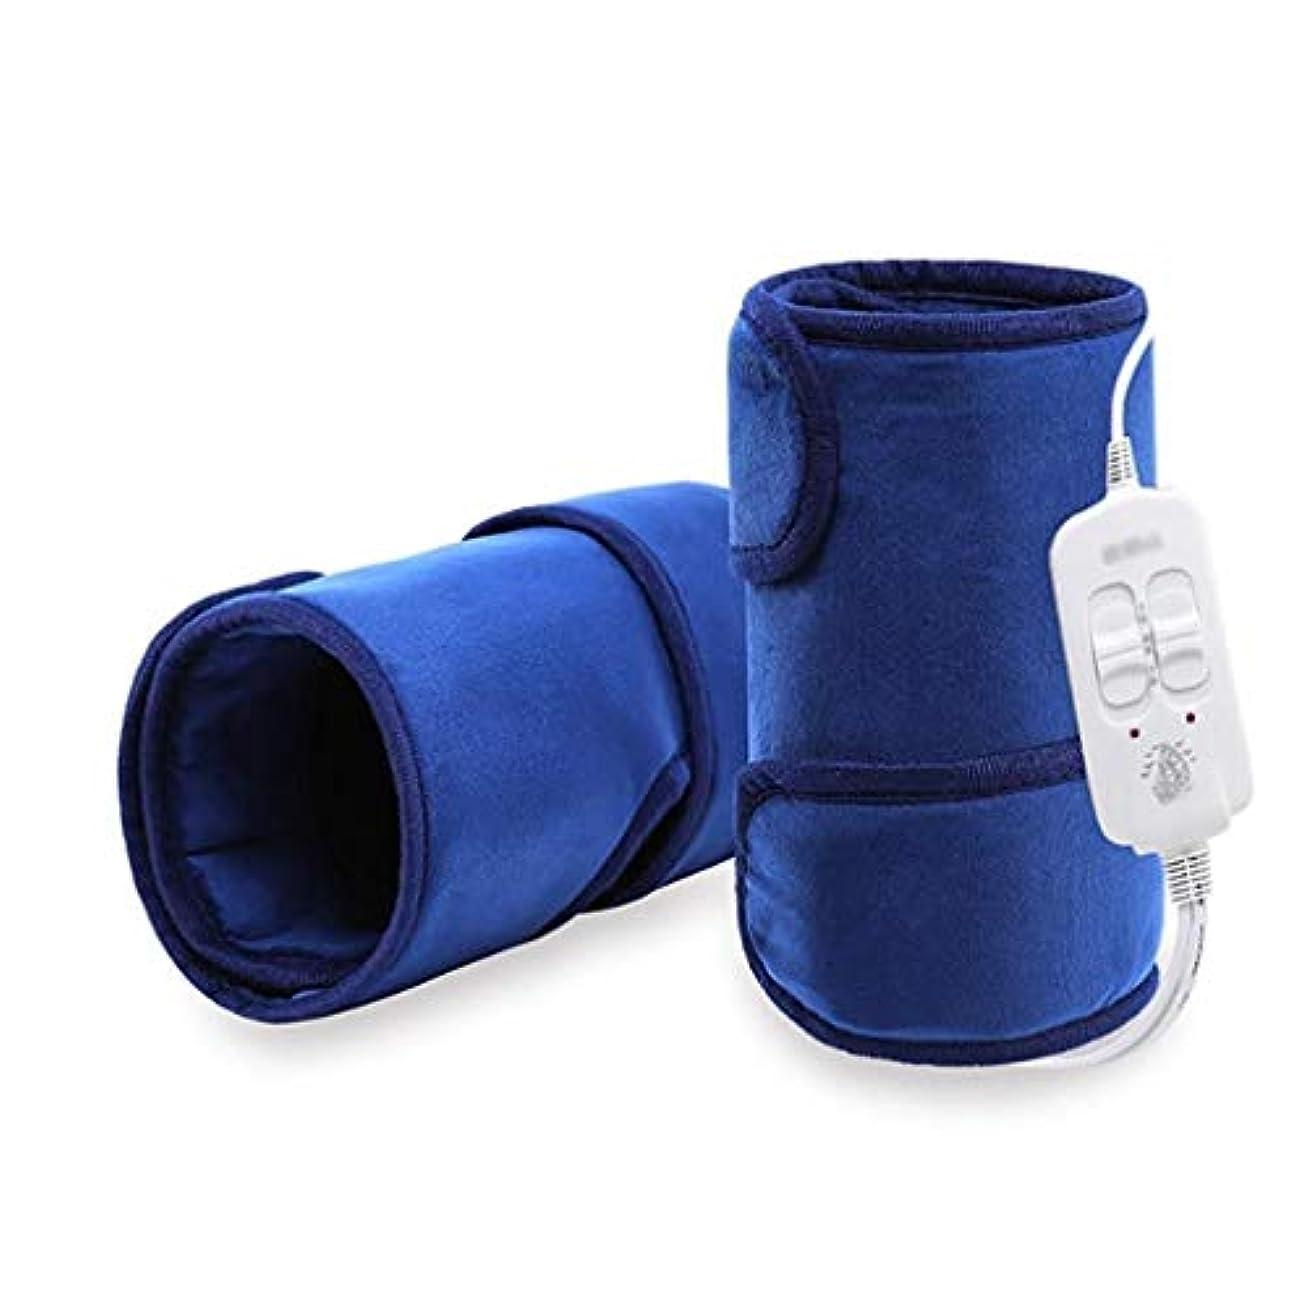 テラス太陽焼くレッグケアマッサージャー、加熱膝パッド、脚Pad/温かい/温湿布/遠赤外線、血液循環を促進 (Color : 青)